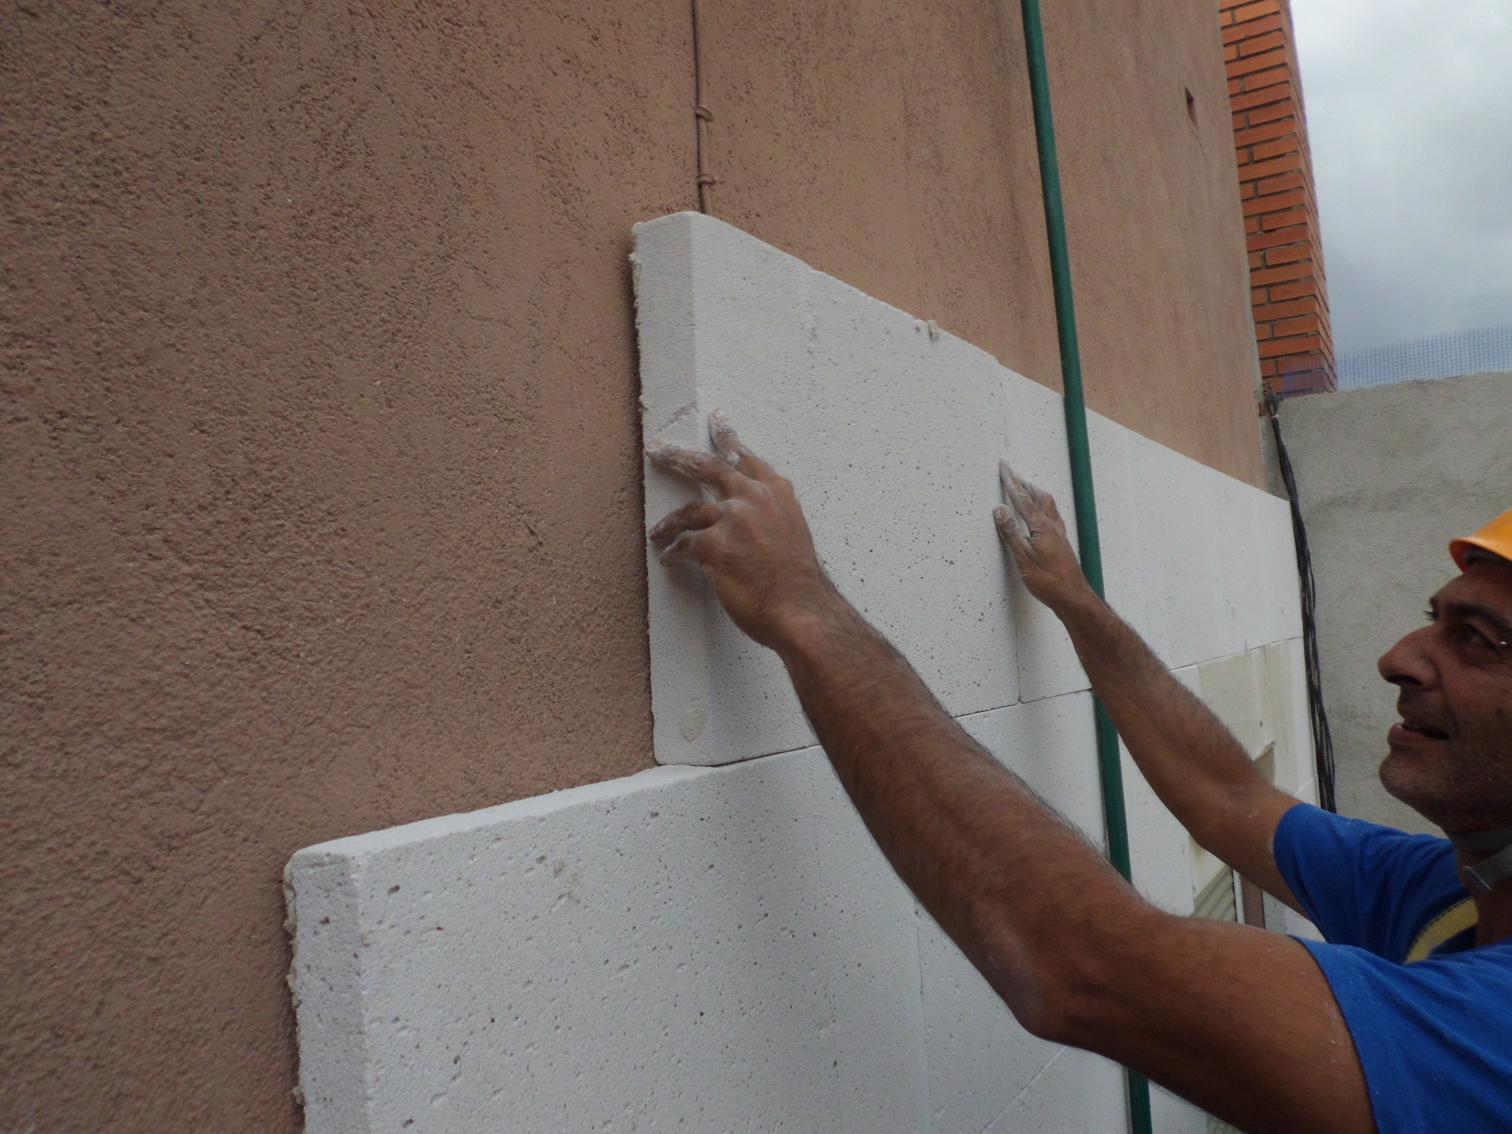 Colocaci n de aislante t rmico en calle berl n de barcelona sistema sate construcciones ambel - Aislante de calor para techos ...